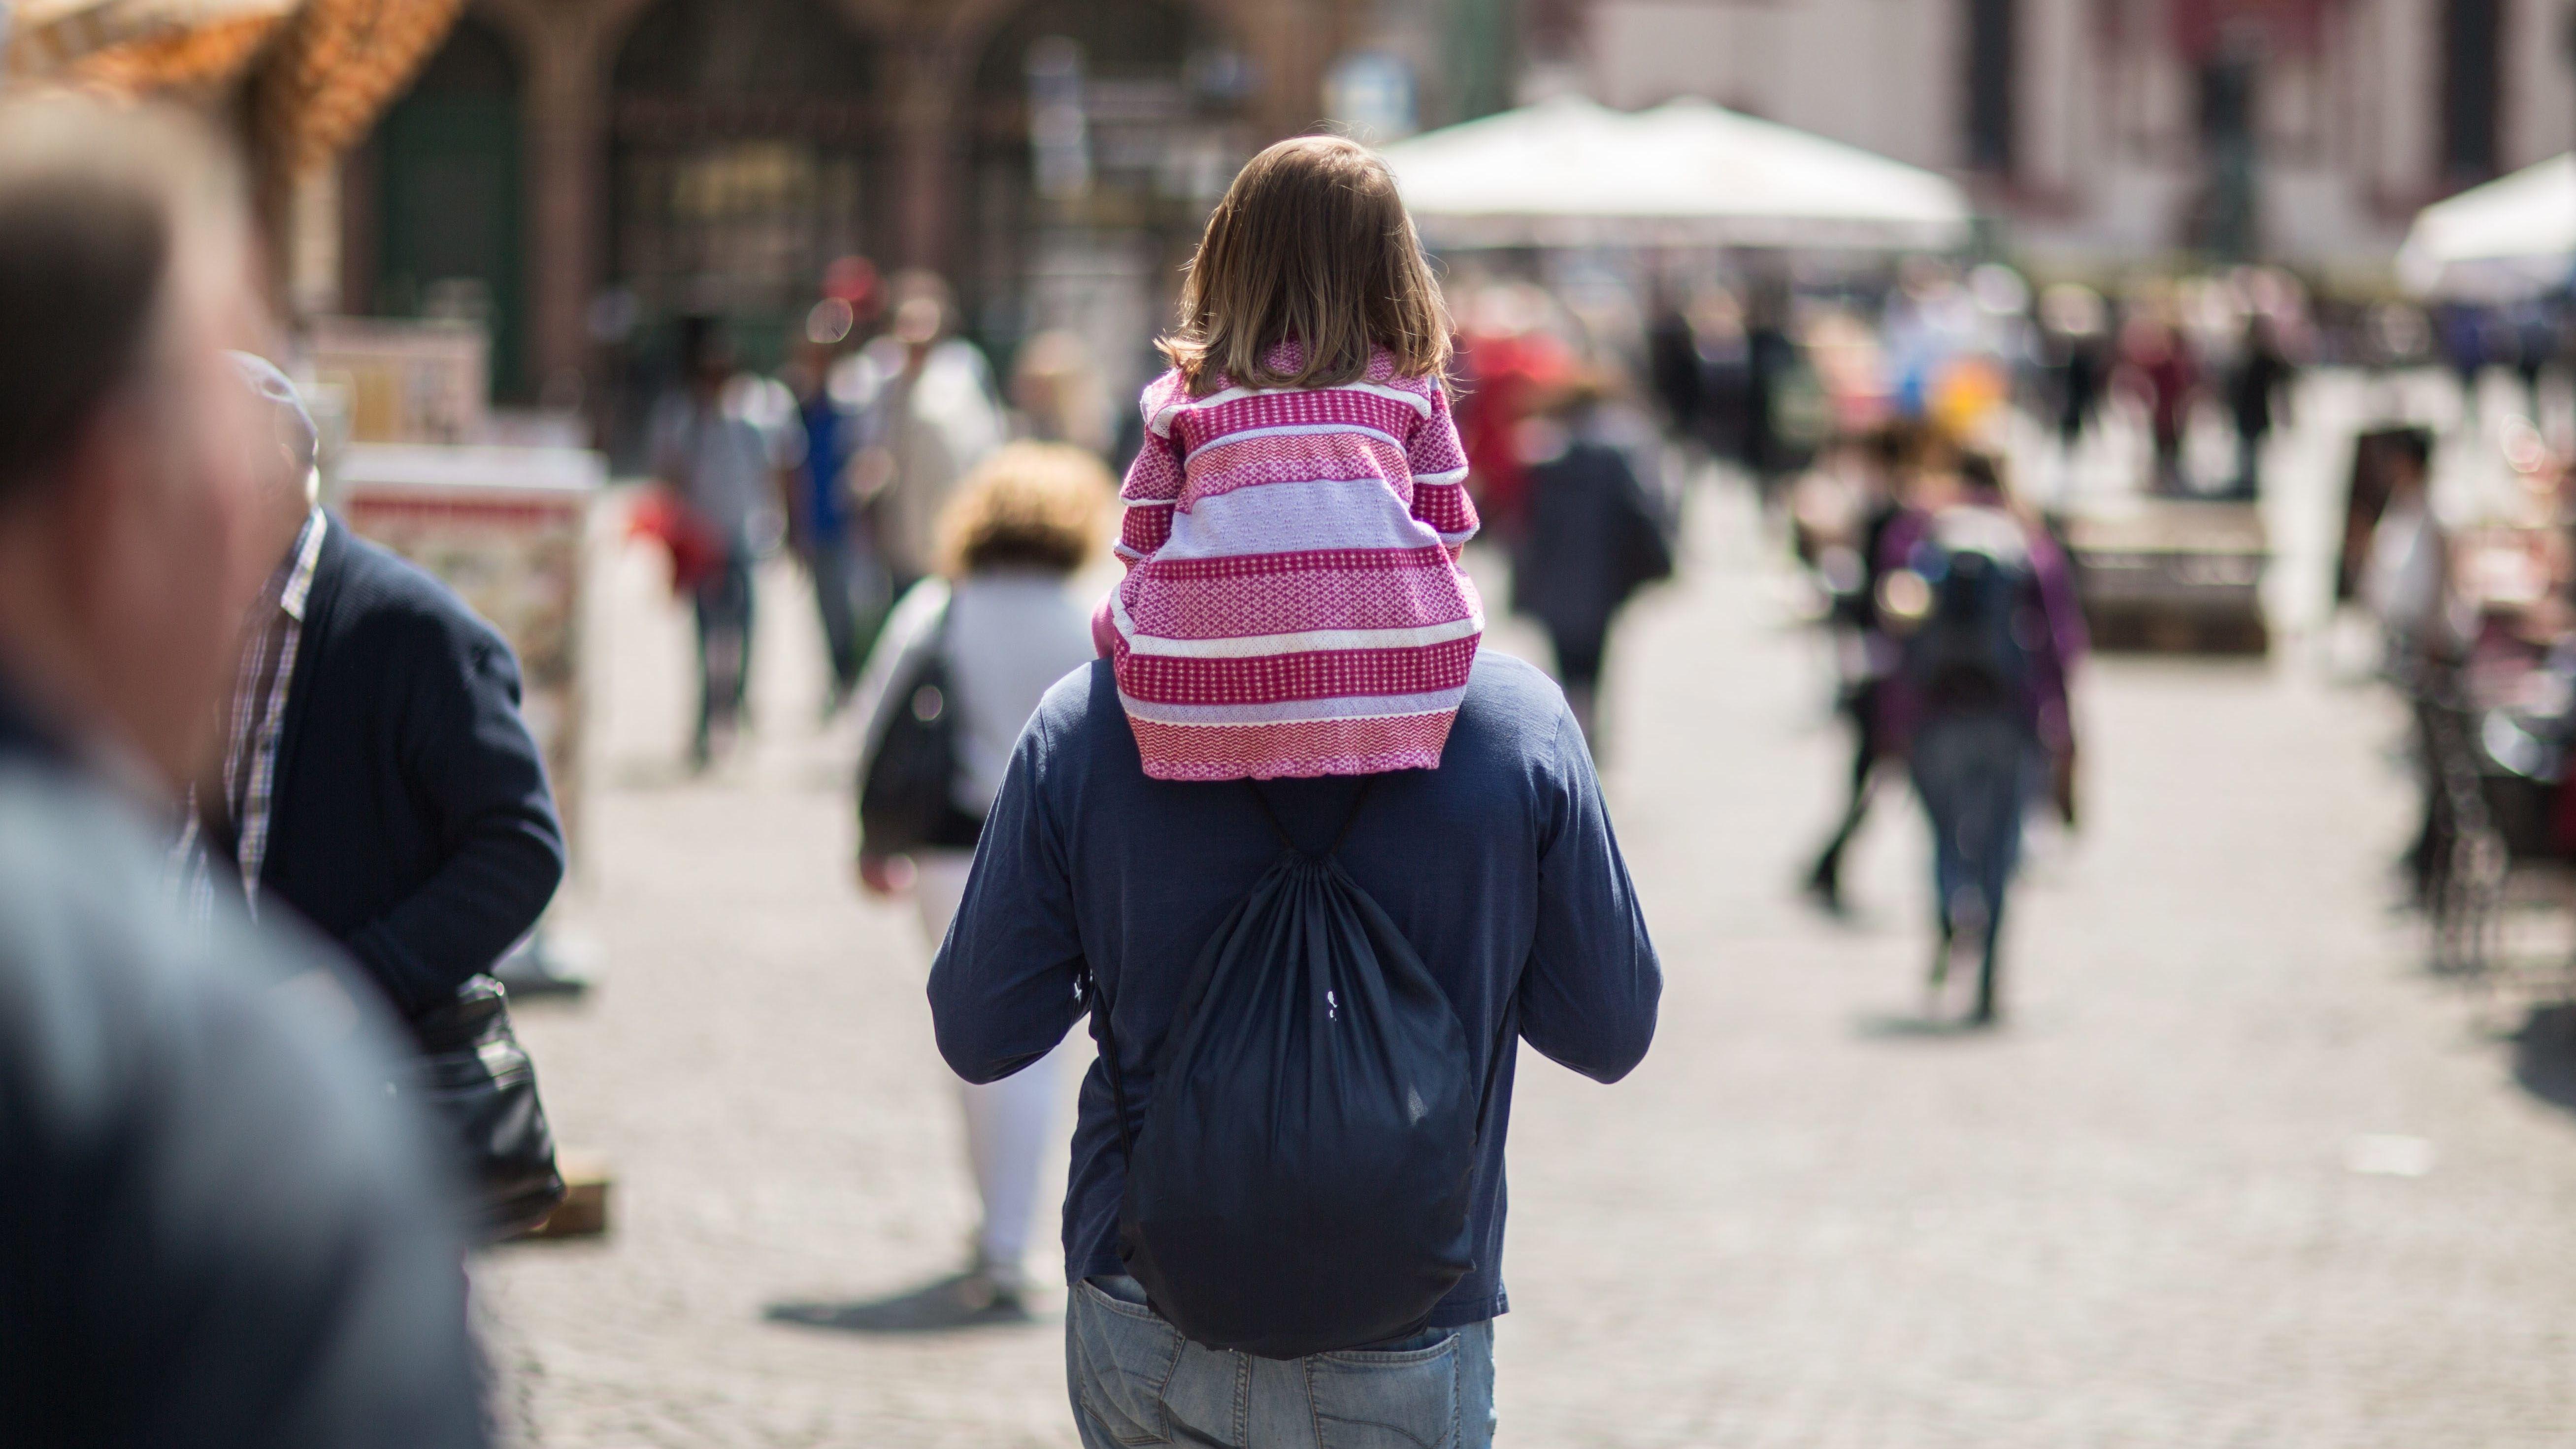 Vater und Tochter in einer Fußgängerzone